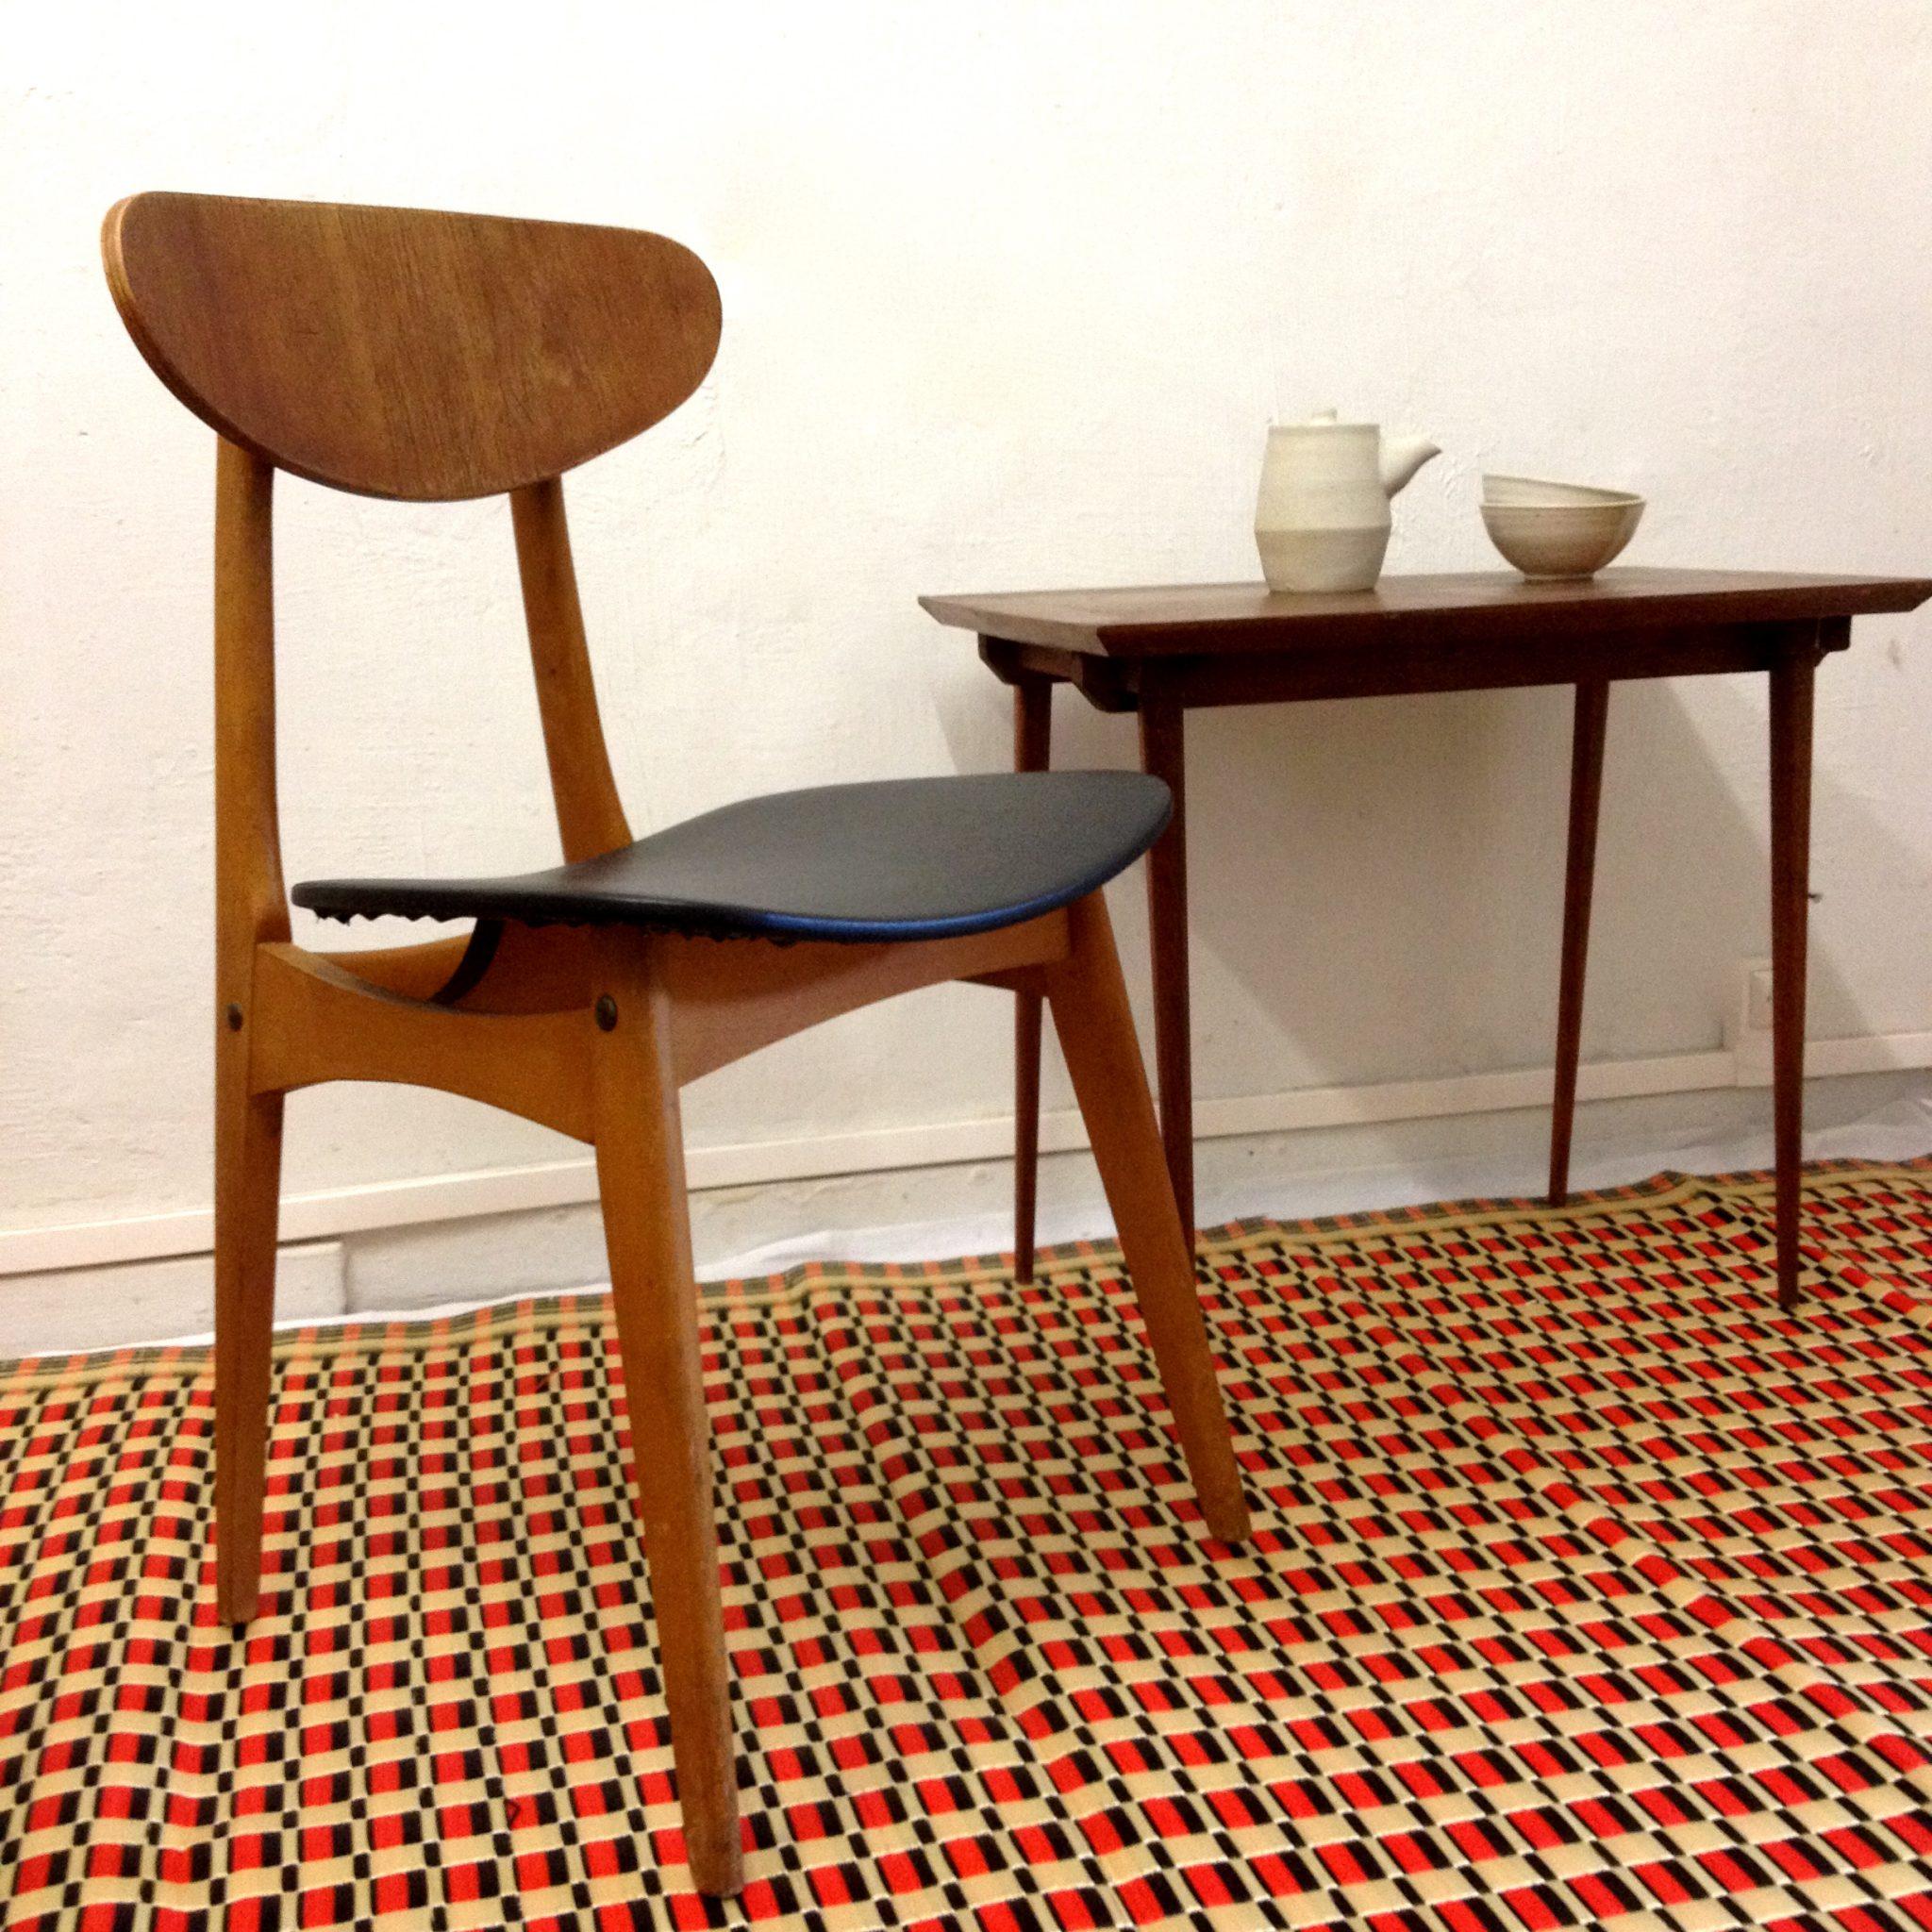 chaise vintage style scandinave le monde de l a. Black Bedroom Furniture Sets. Home Design Ideas